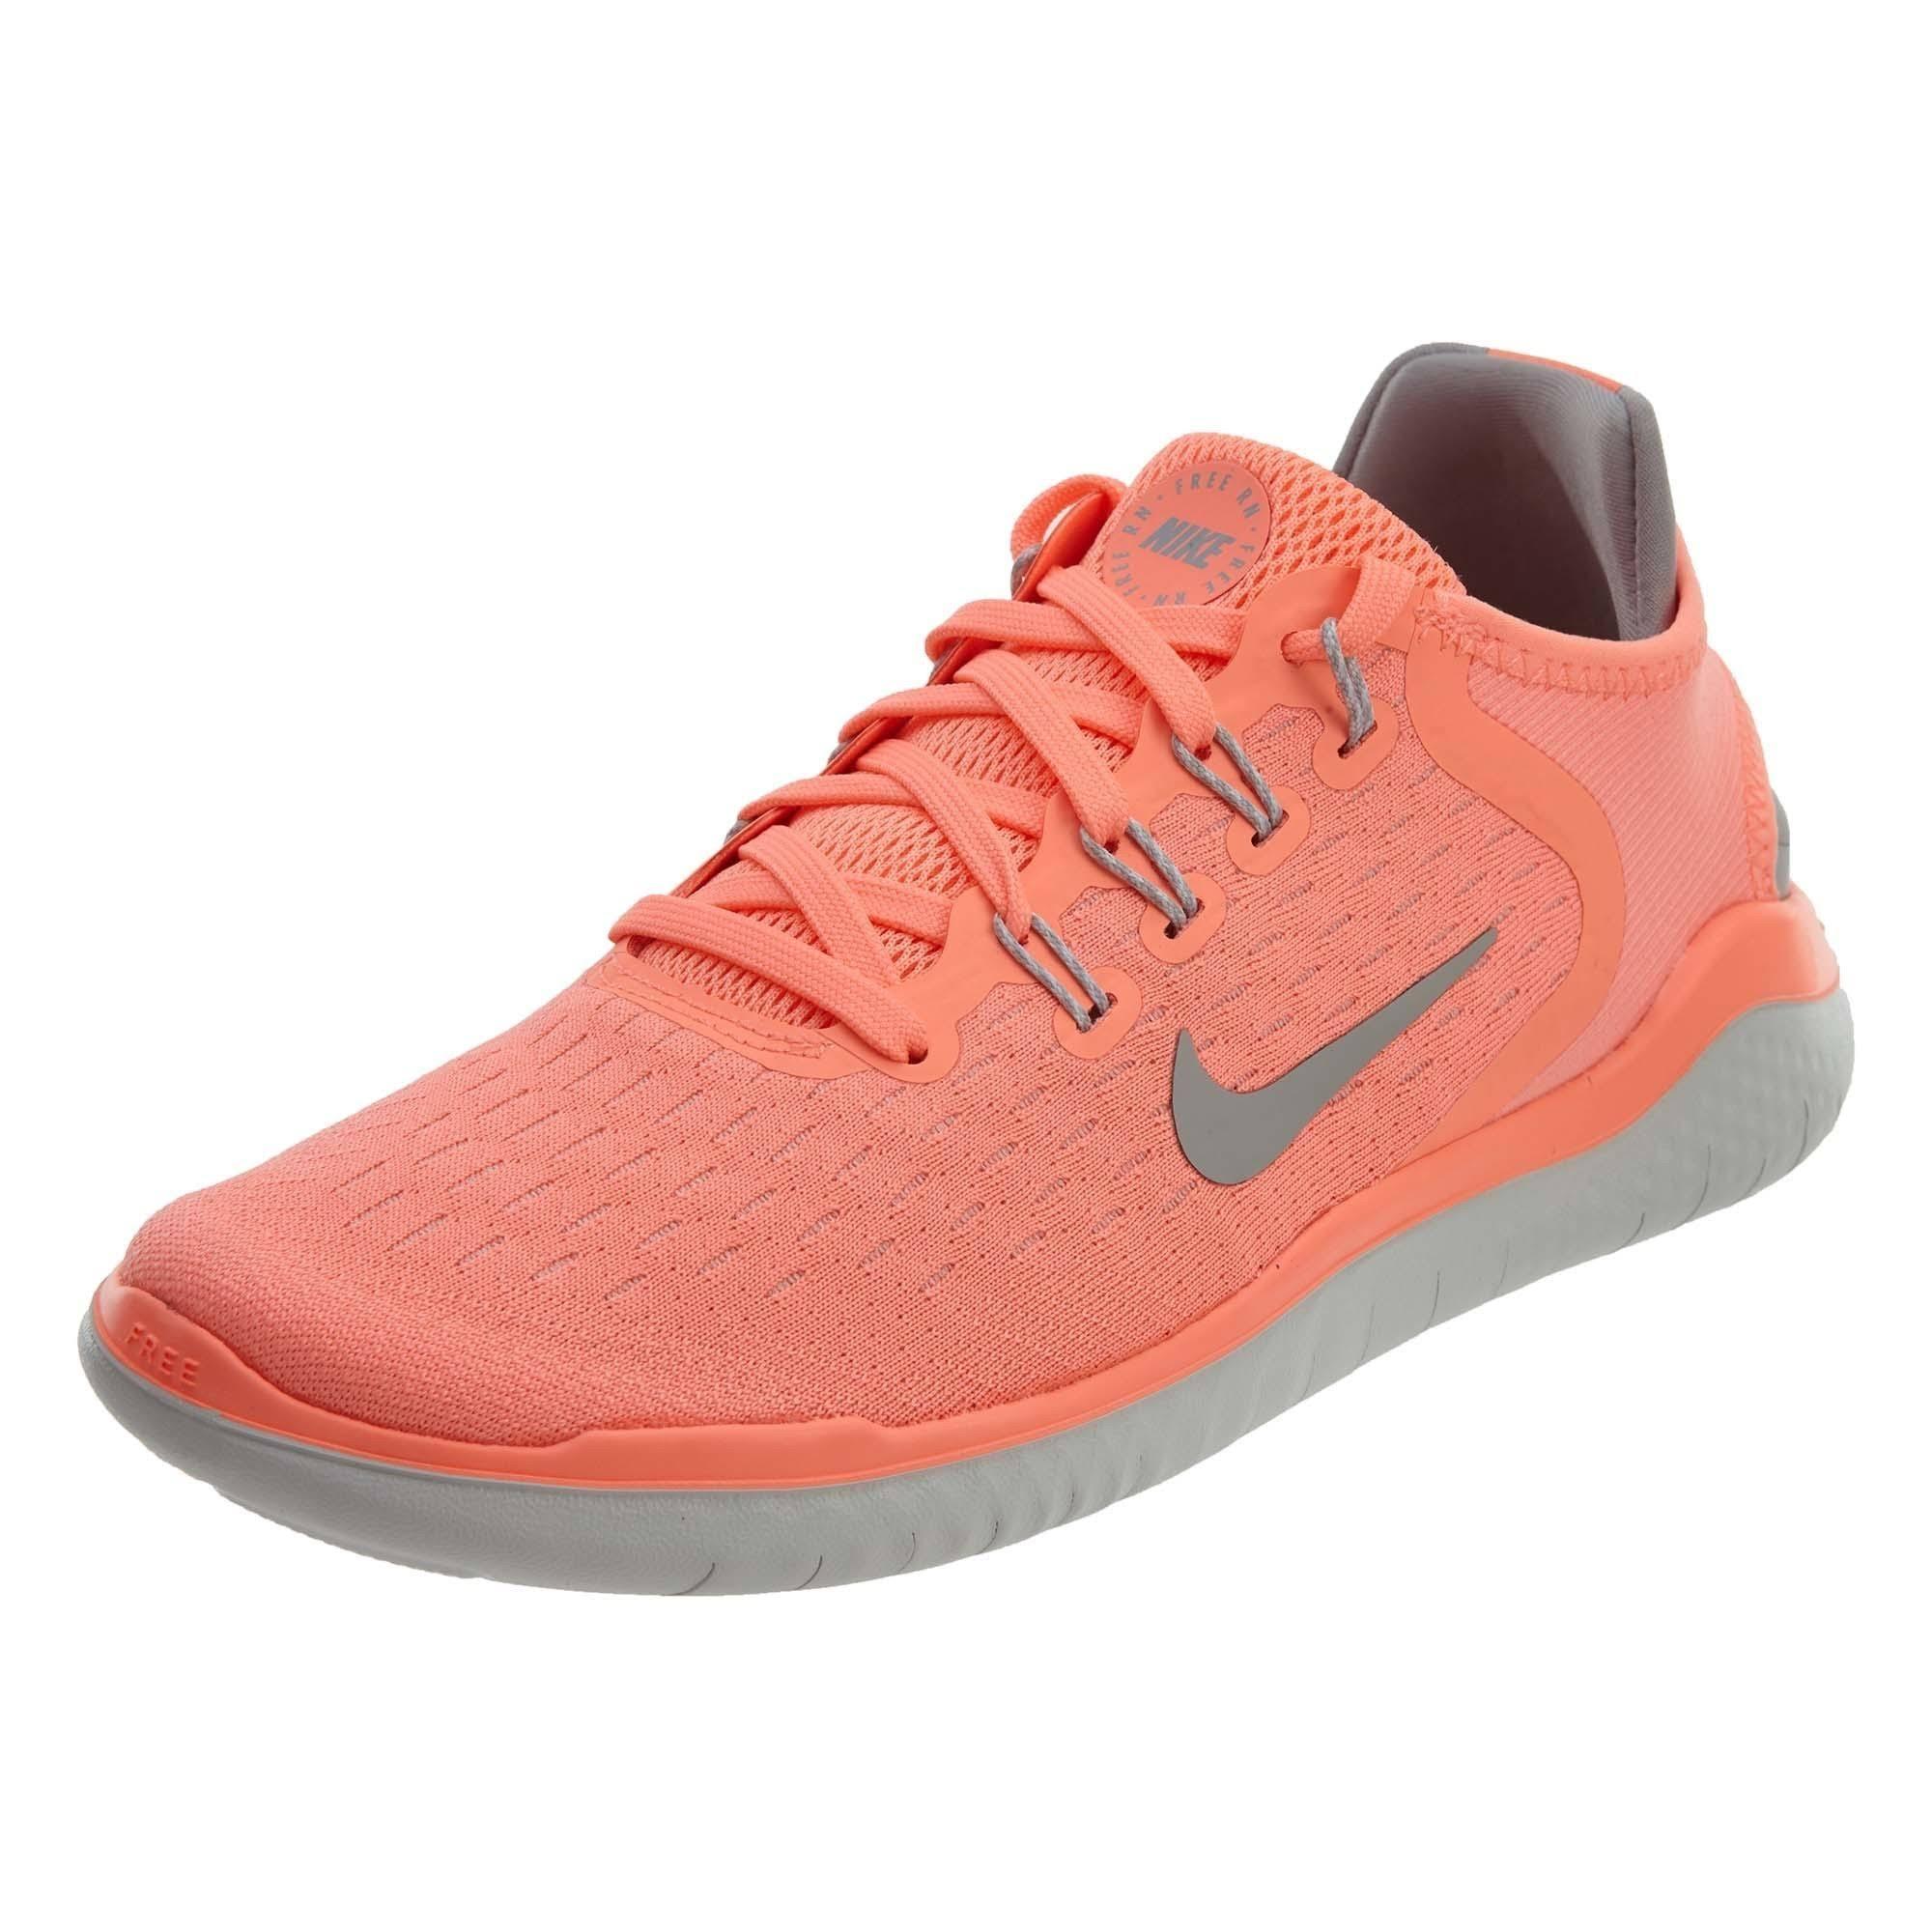 Laufschuhe Rn Damen Nike 6 942837800 2018 Free Größe H7n66xI